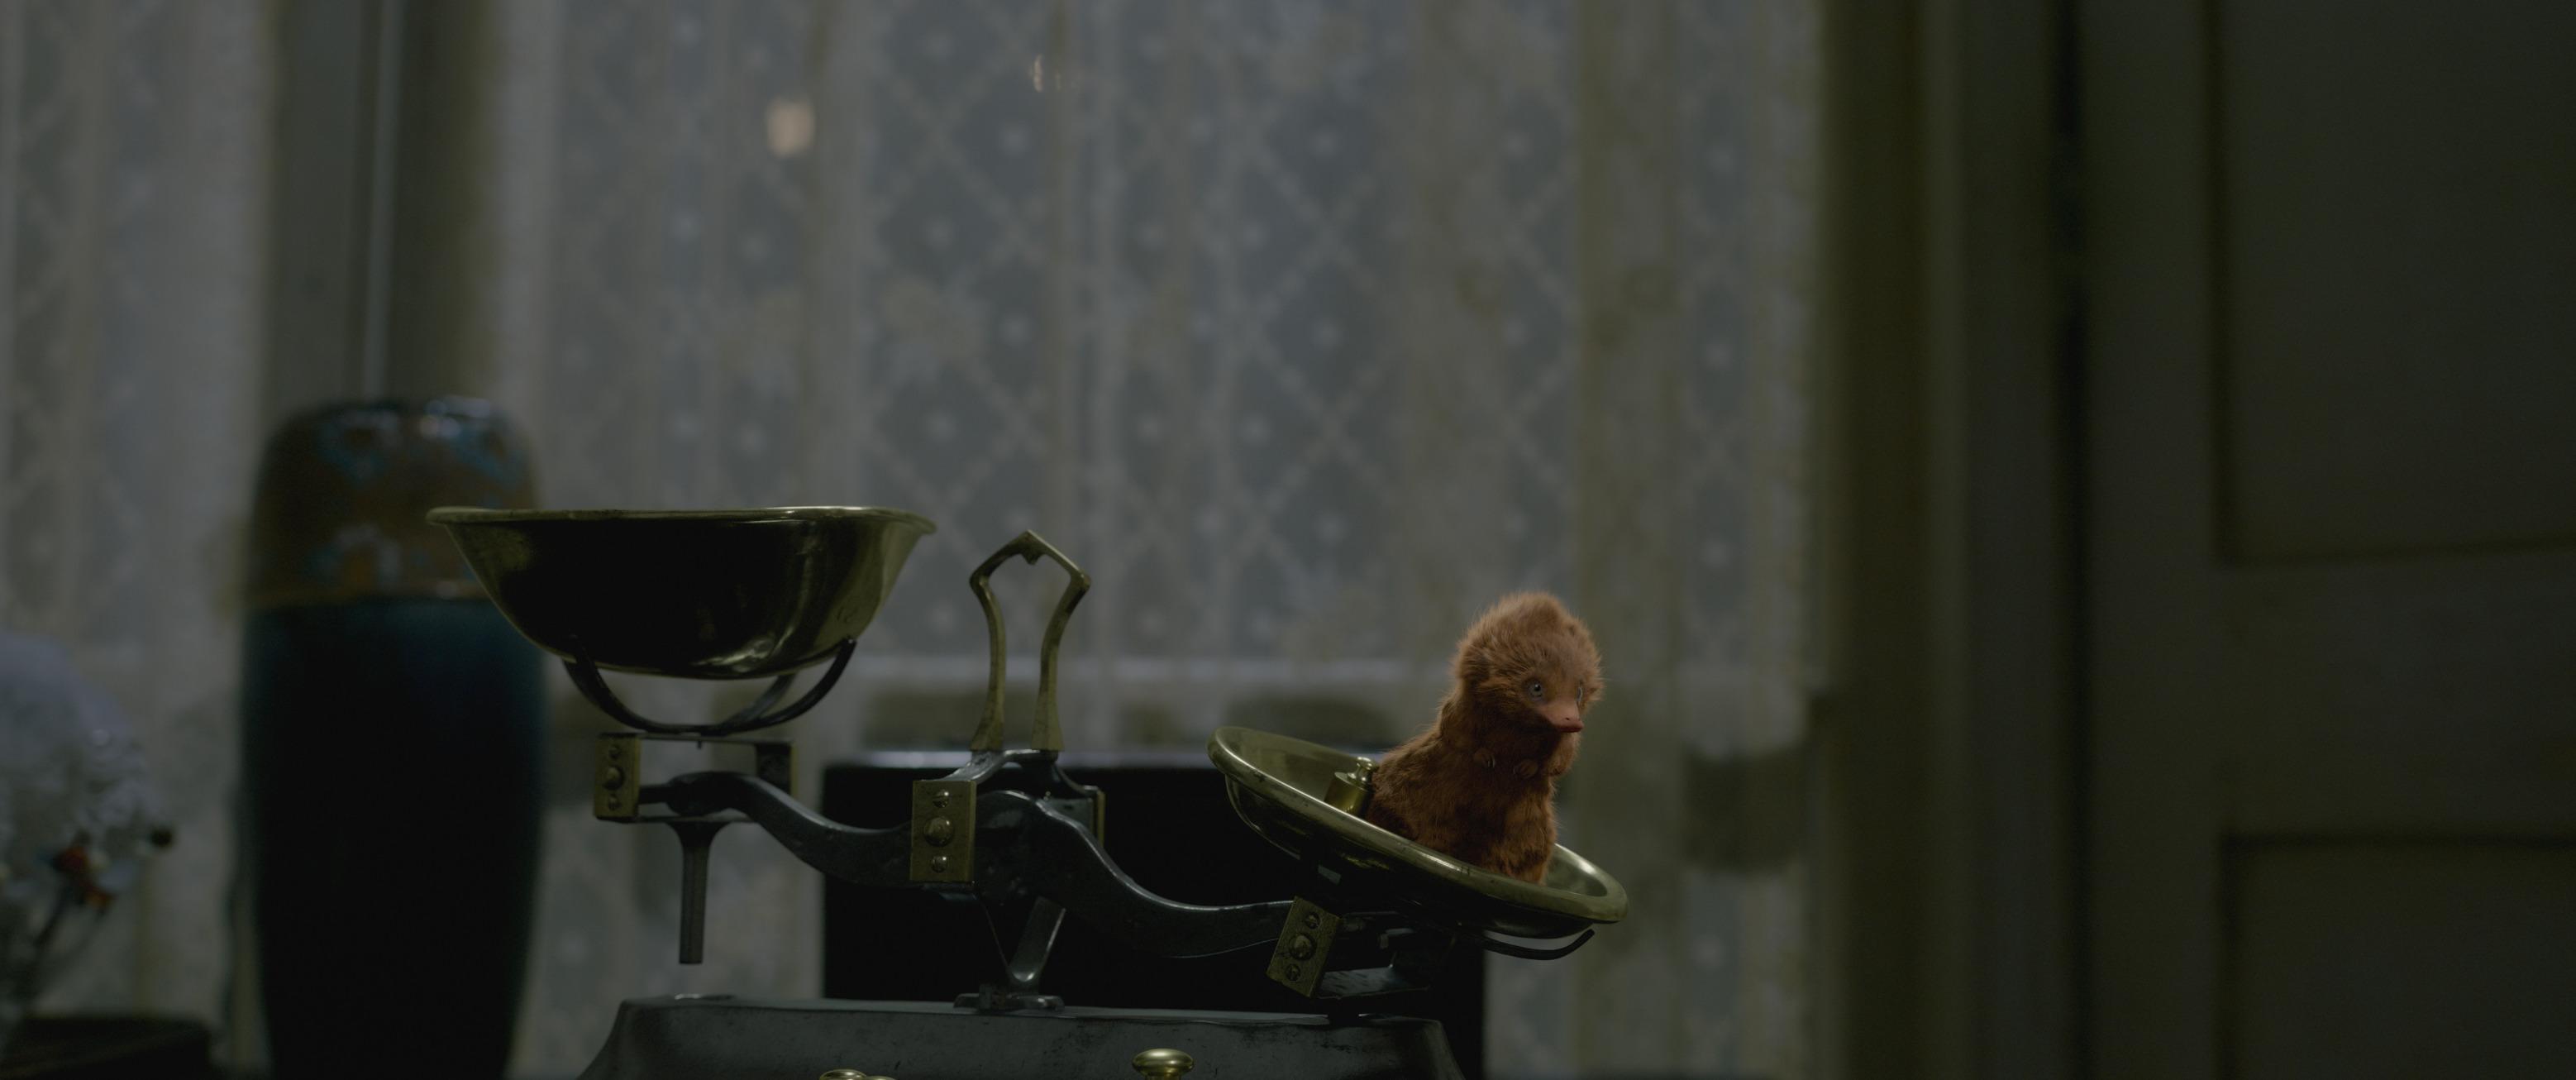 A baby Niffler